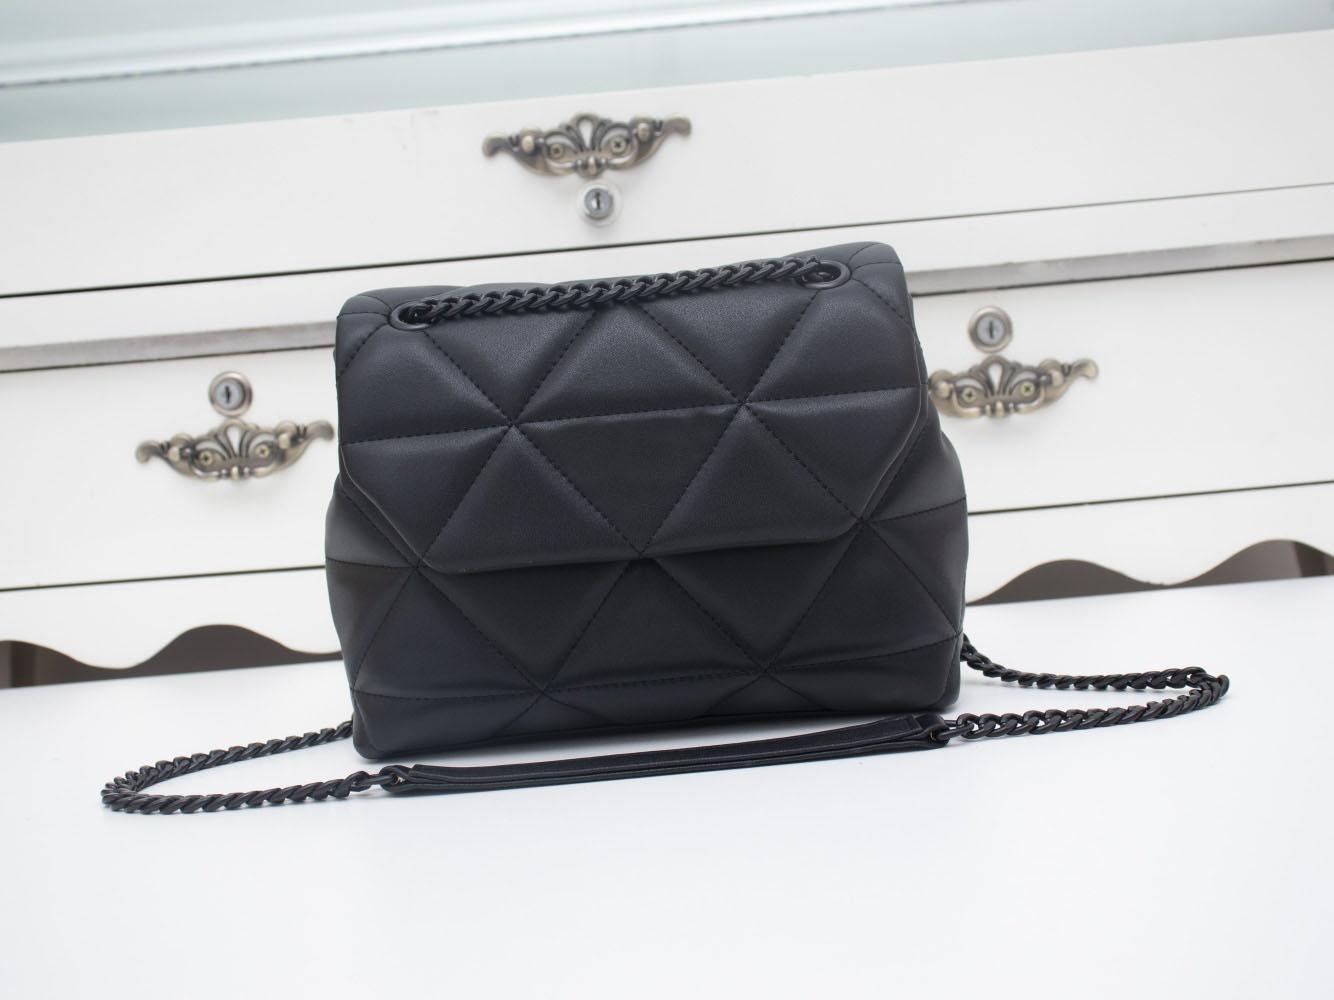 2021 Hot De Alta Qualidade Designers Mulheres Bolsa De Bolsa De Bolsa De Moda Embreagem Tote Crossbody Luxury Shopping Sacos de ombro PR11